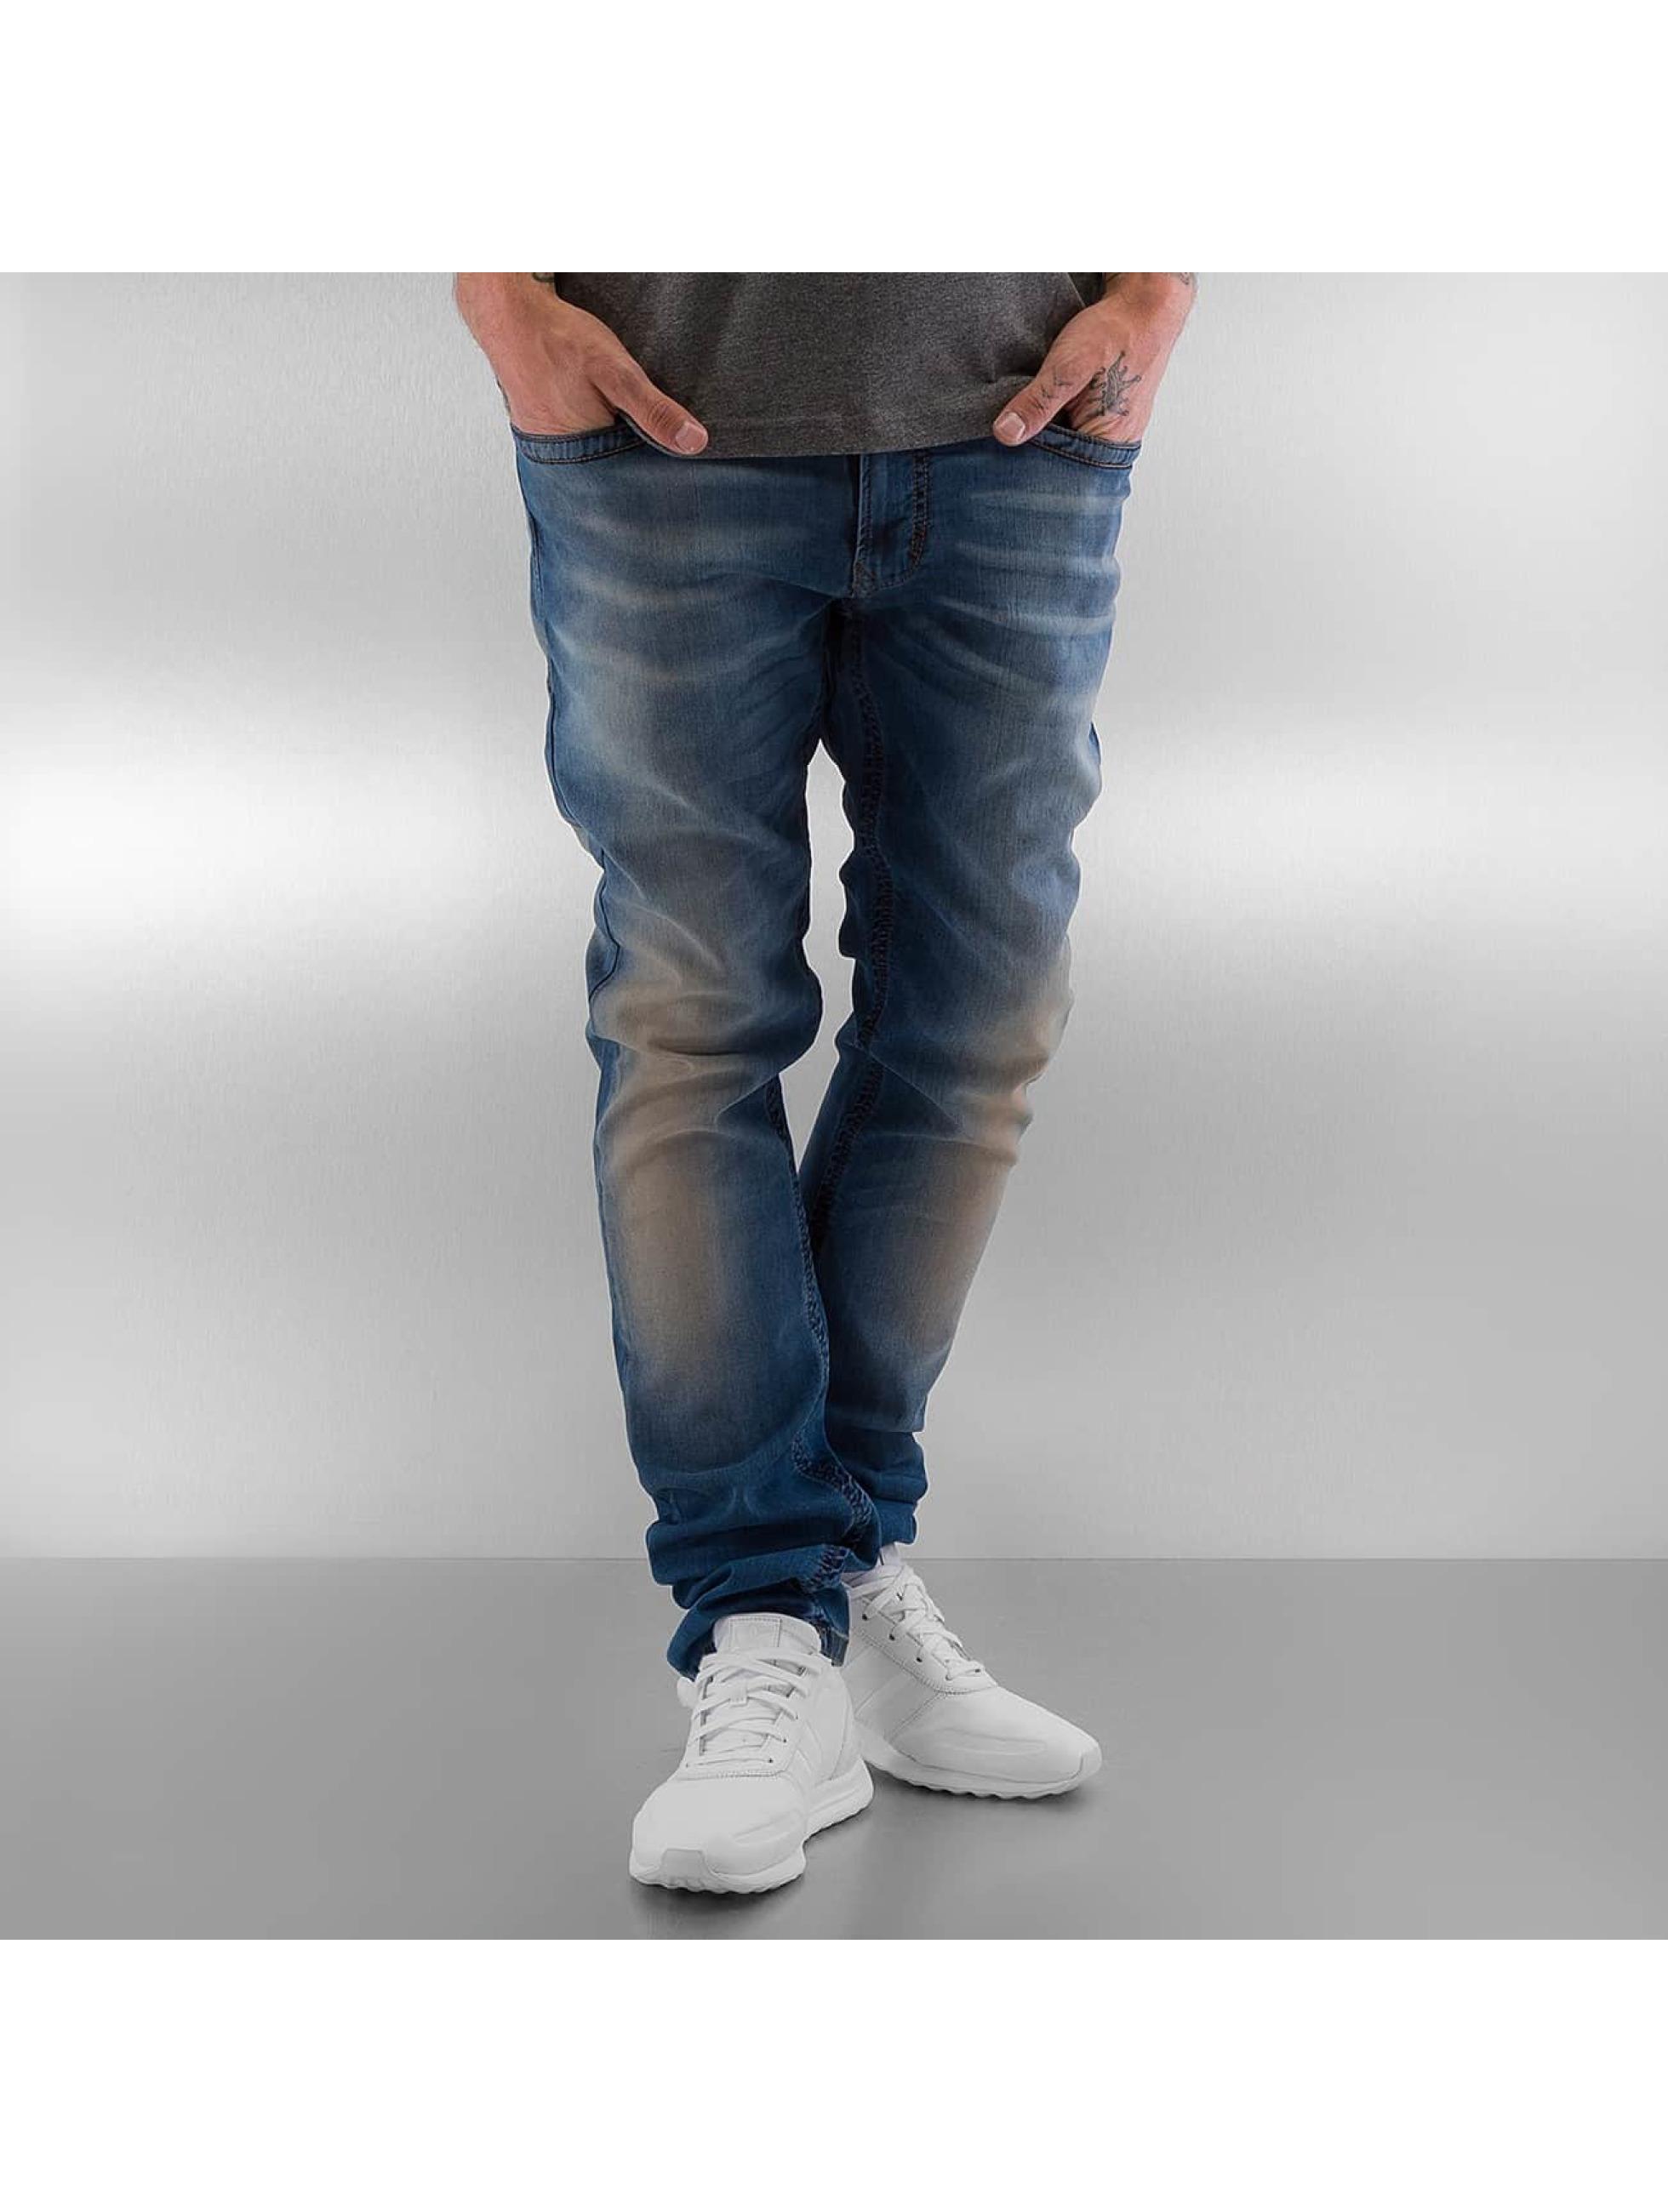 Artikel klicken und genauer betrachten! - Pascucci Trajan Jeans Blue  – Pascucci Trajan Jeans Blue von der Marke Pascucci für 29.99 EUR in der Farbe blau.   im Online Shop kaufen